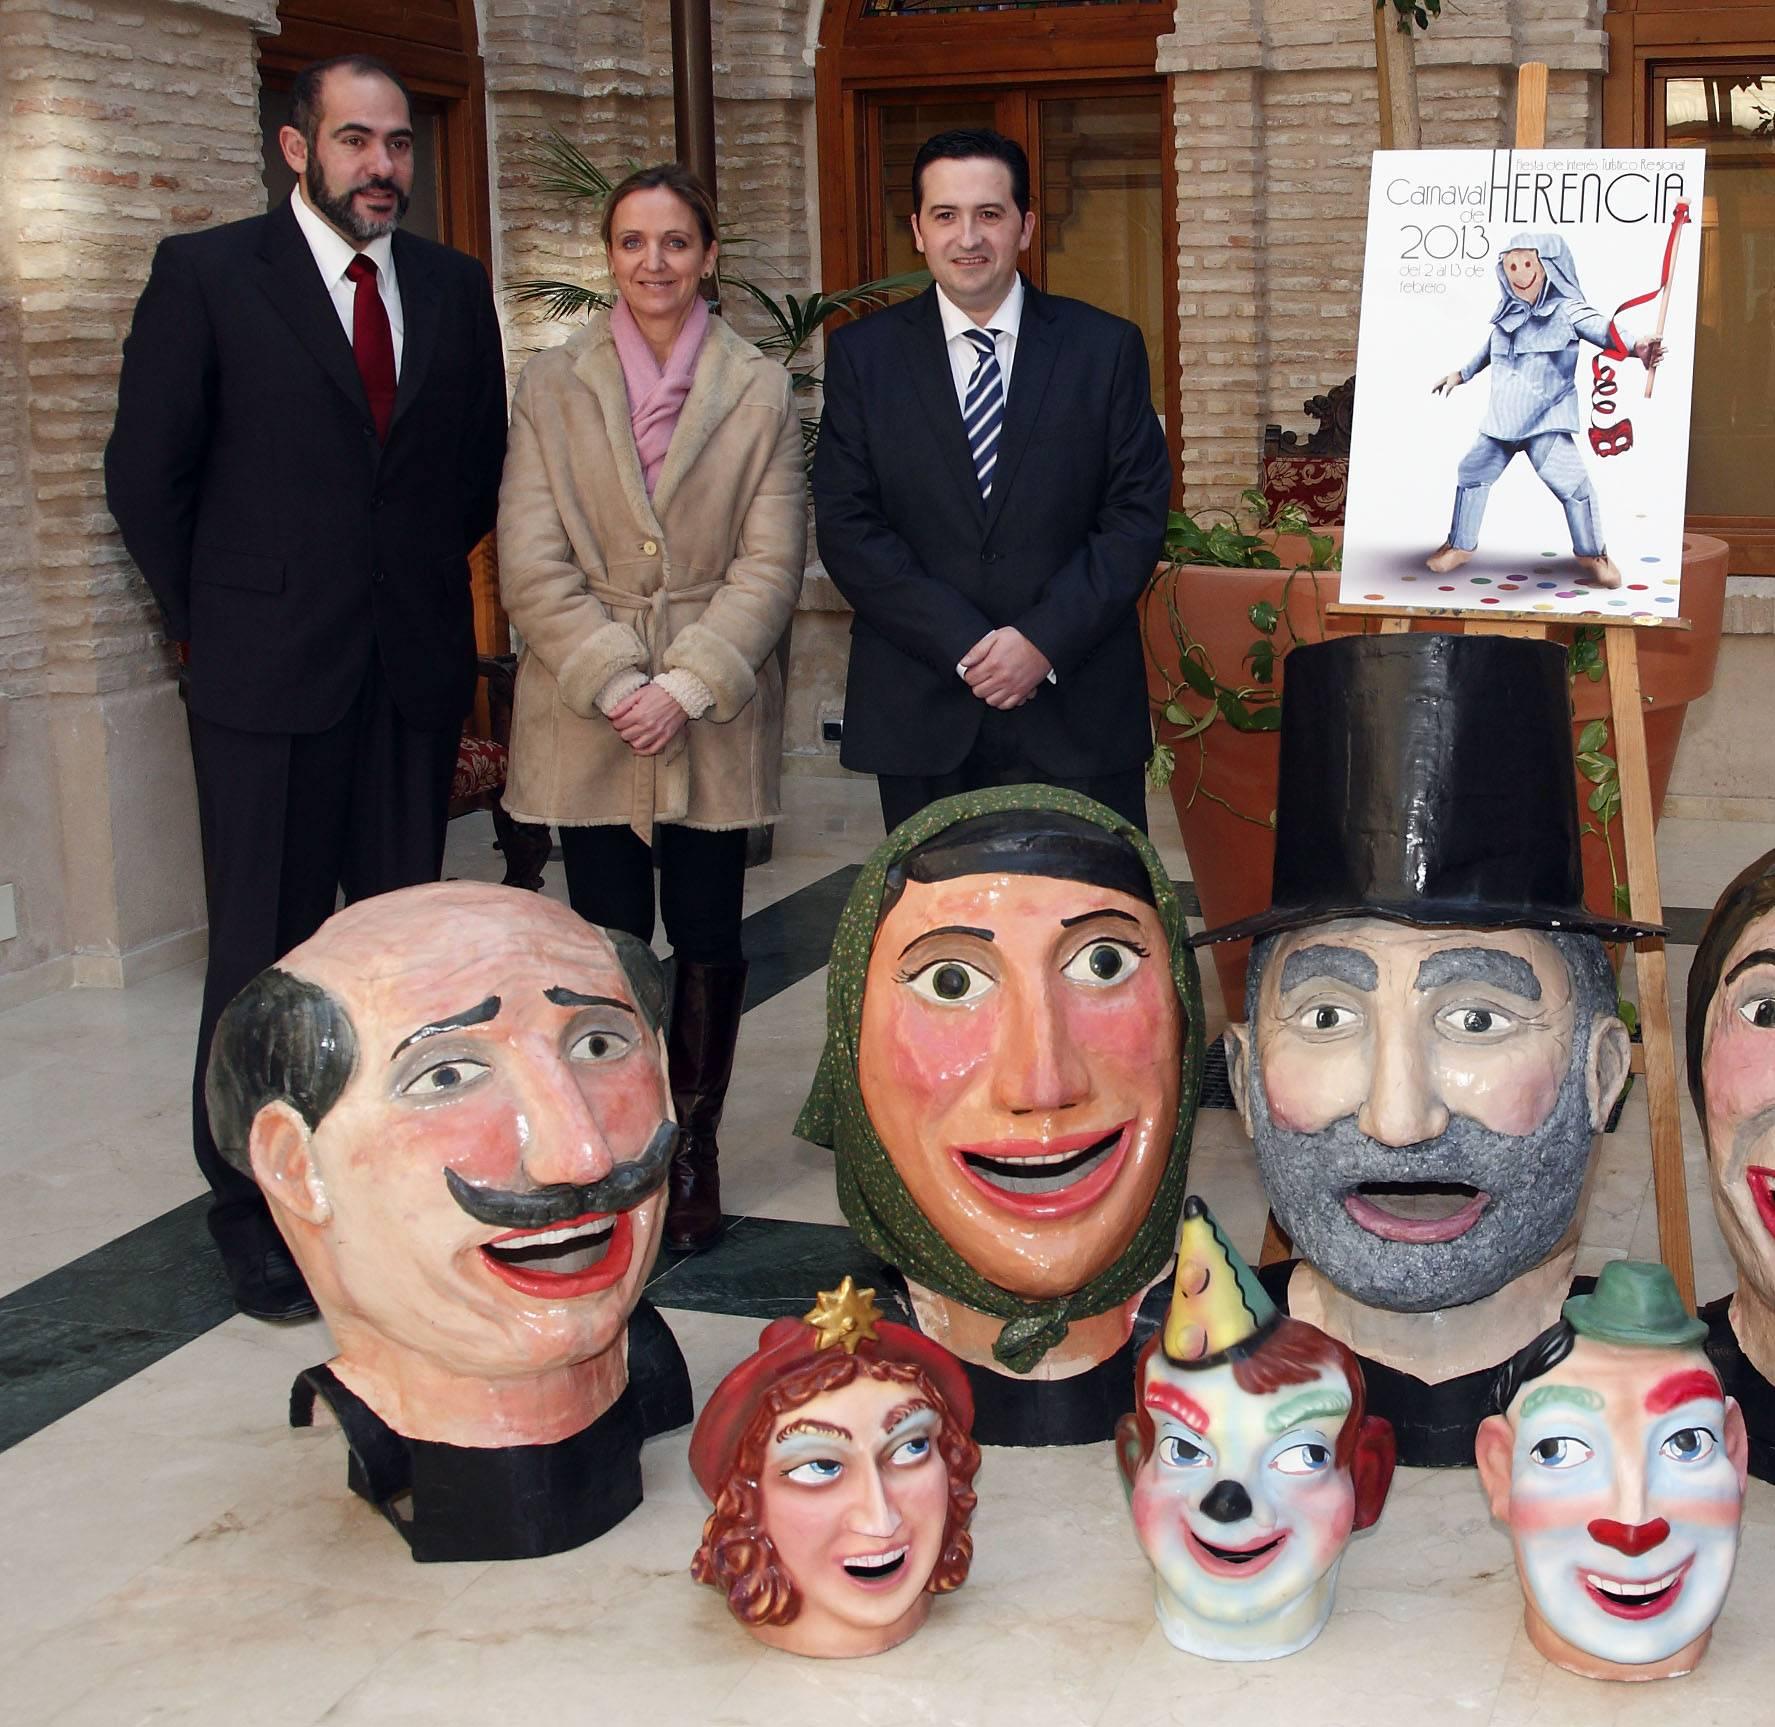 politicos en carnaval de herencia - Carnaval de Herencia camino de Madrid por el Interés Turístico Nacional